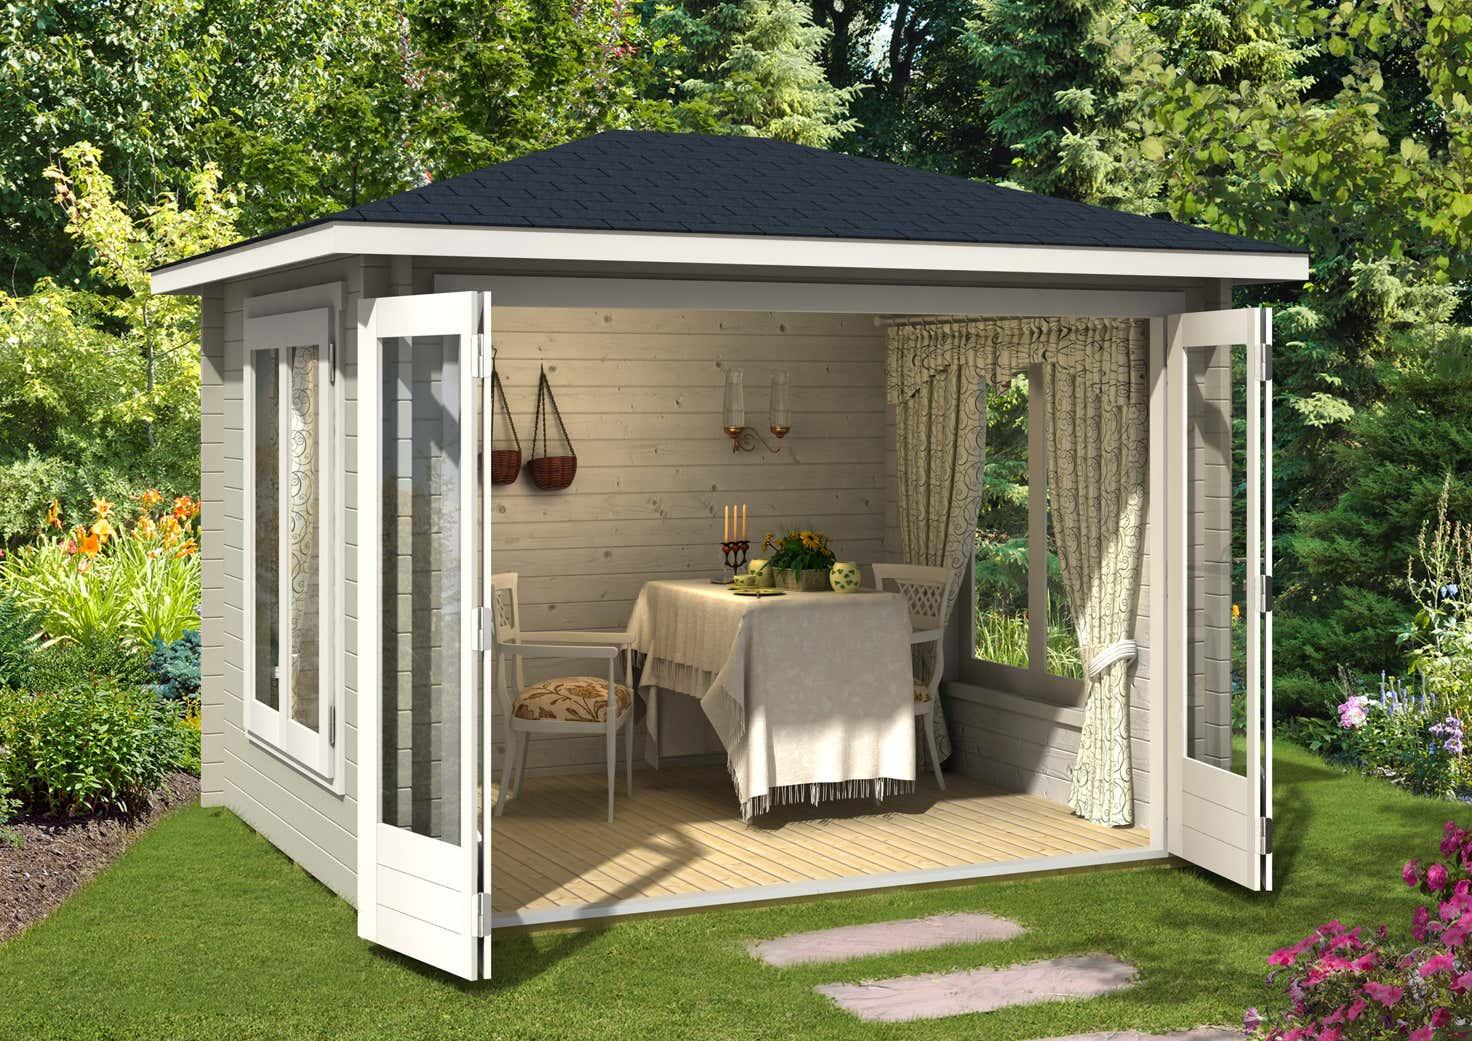 gartenhaus summertime 40 mit gro er faltt r a z gartenhaus gmbh. Black Bedroom Furniture Sets. Home Design Ideas